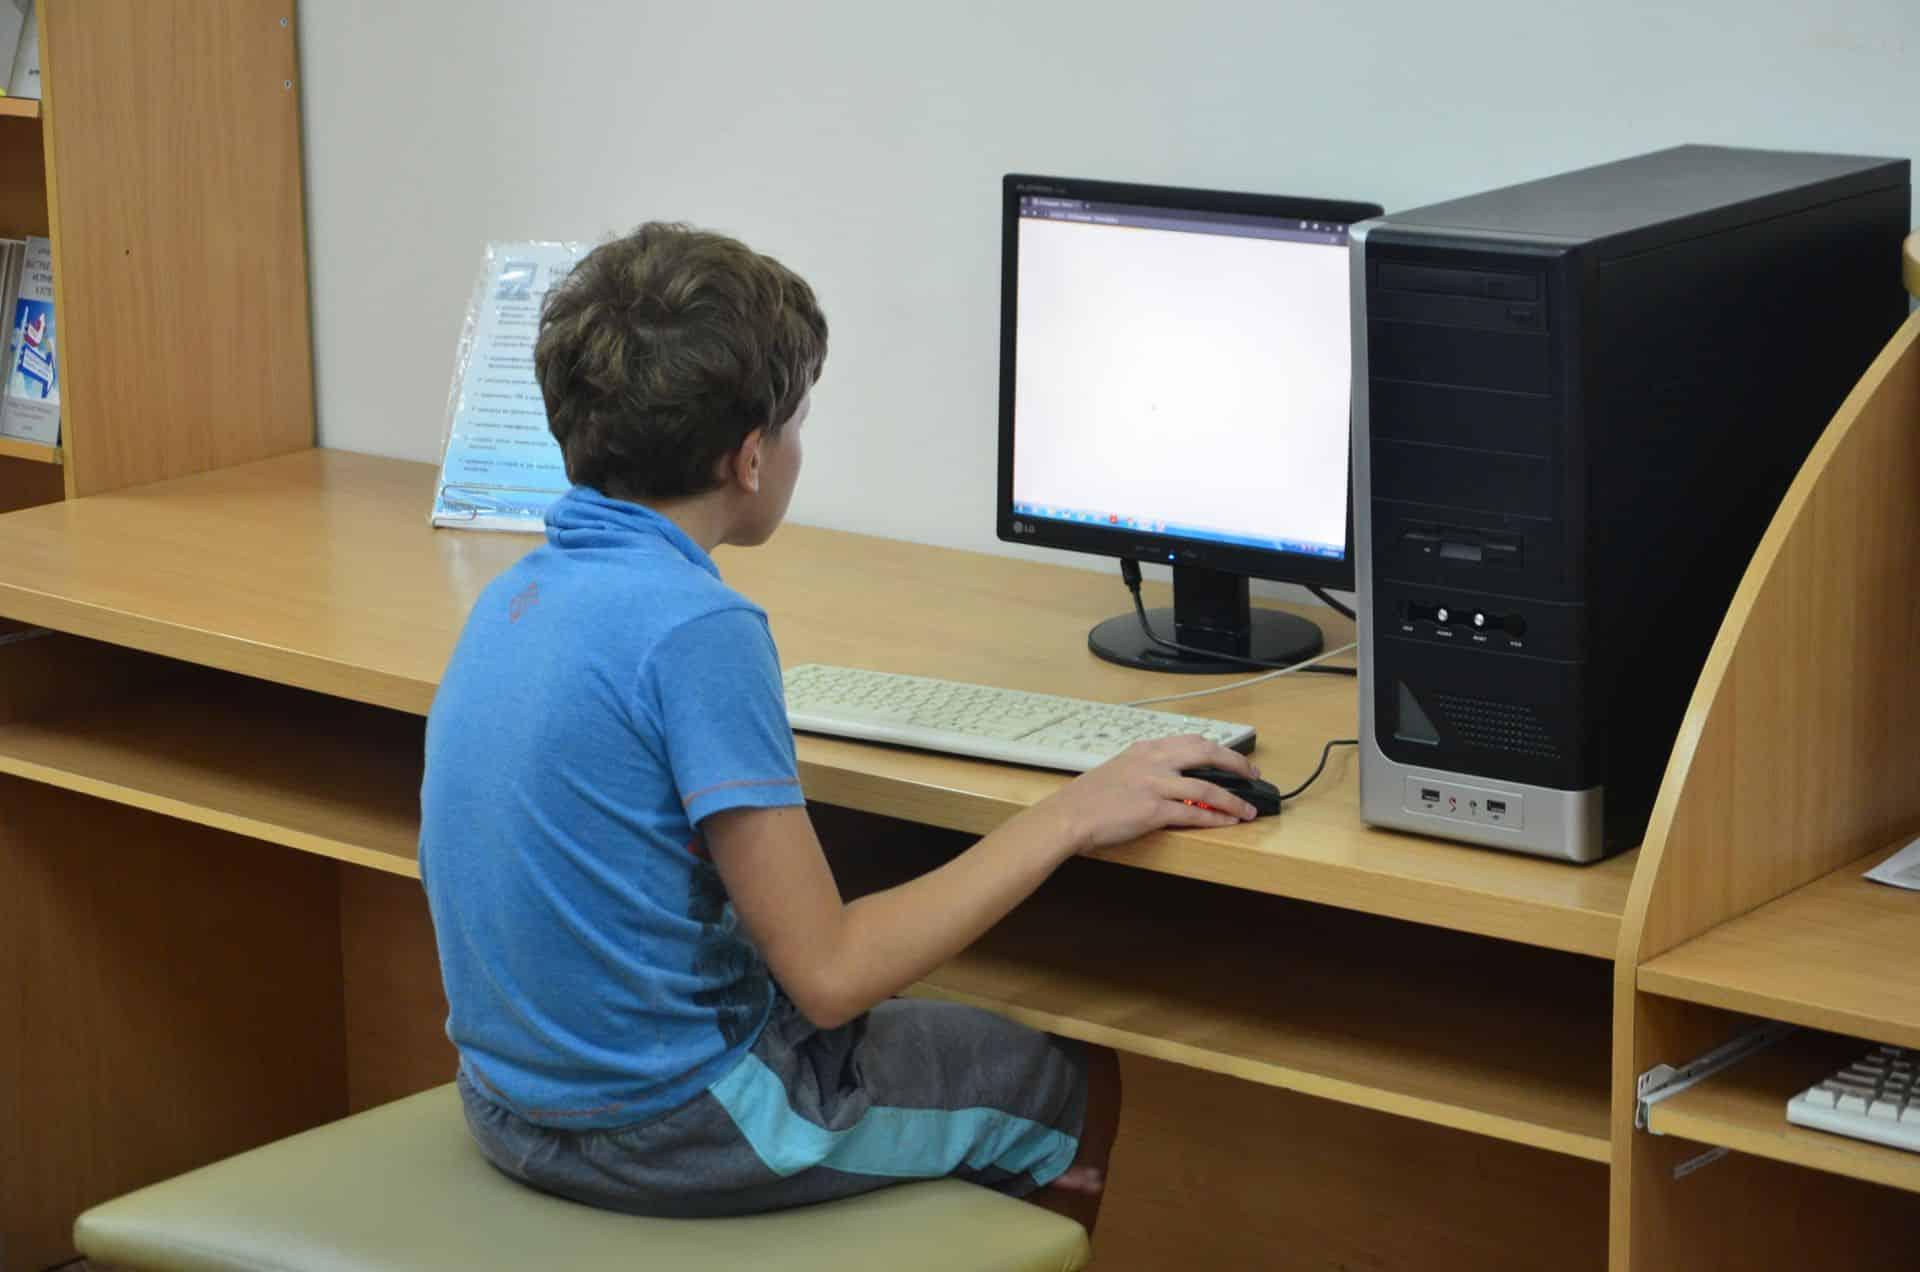 Дистанционное обучение в новом учебном году возможно в рамках проекта «ЦОС»